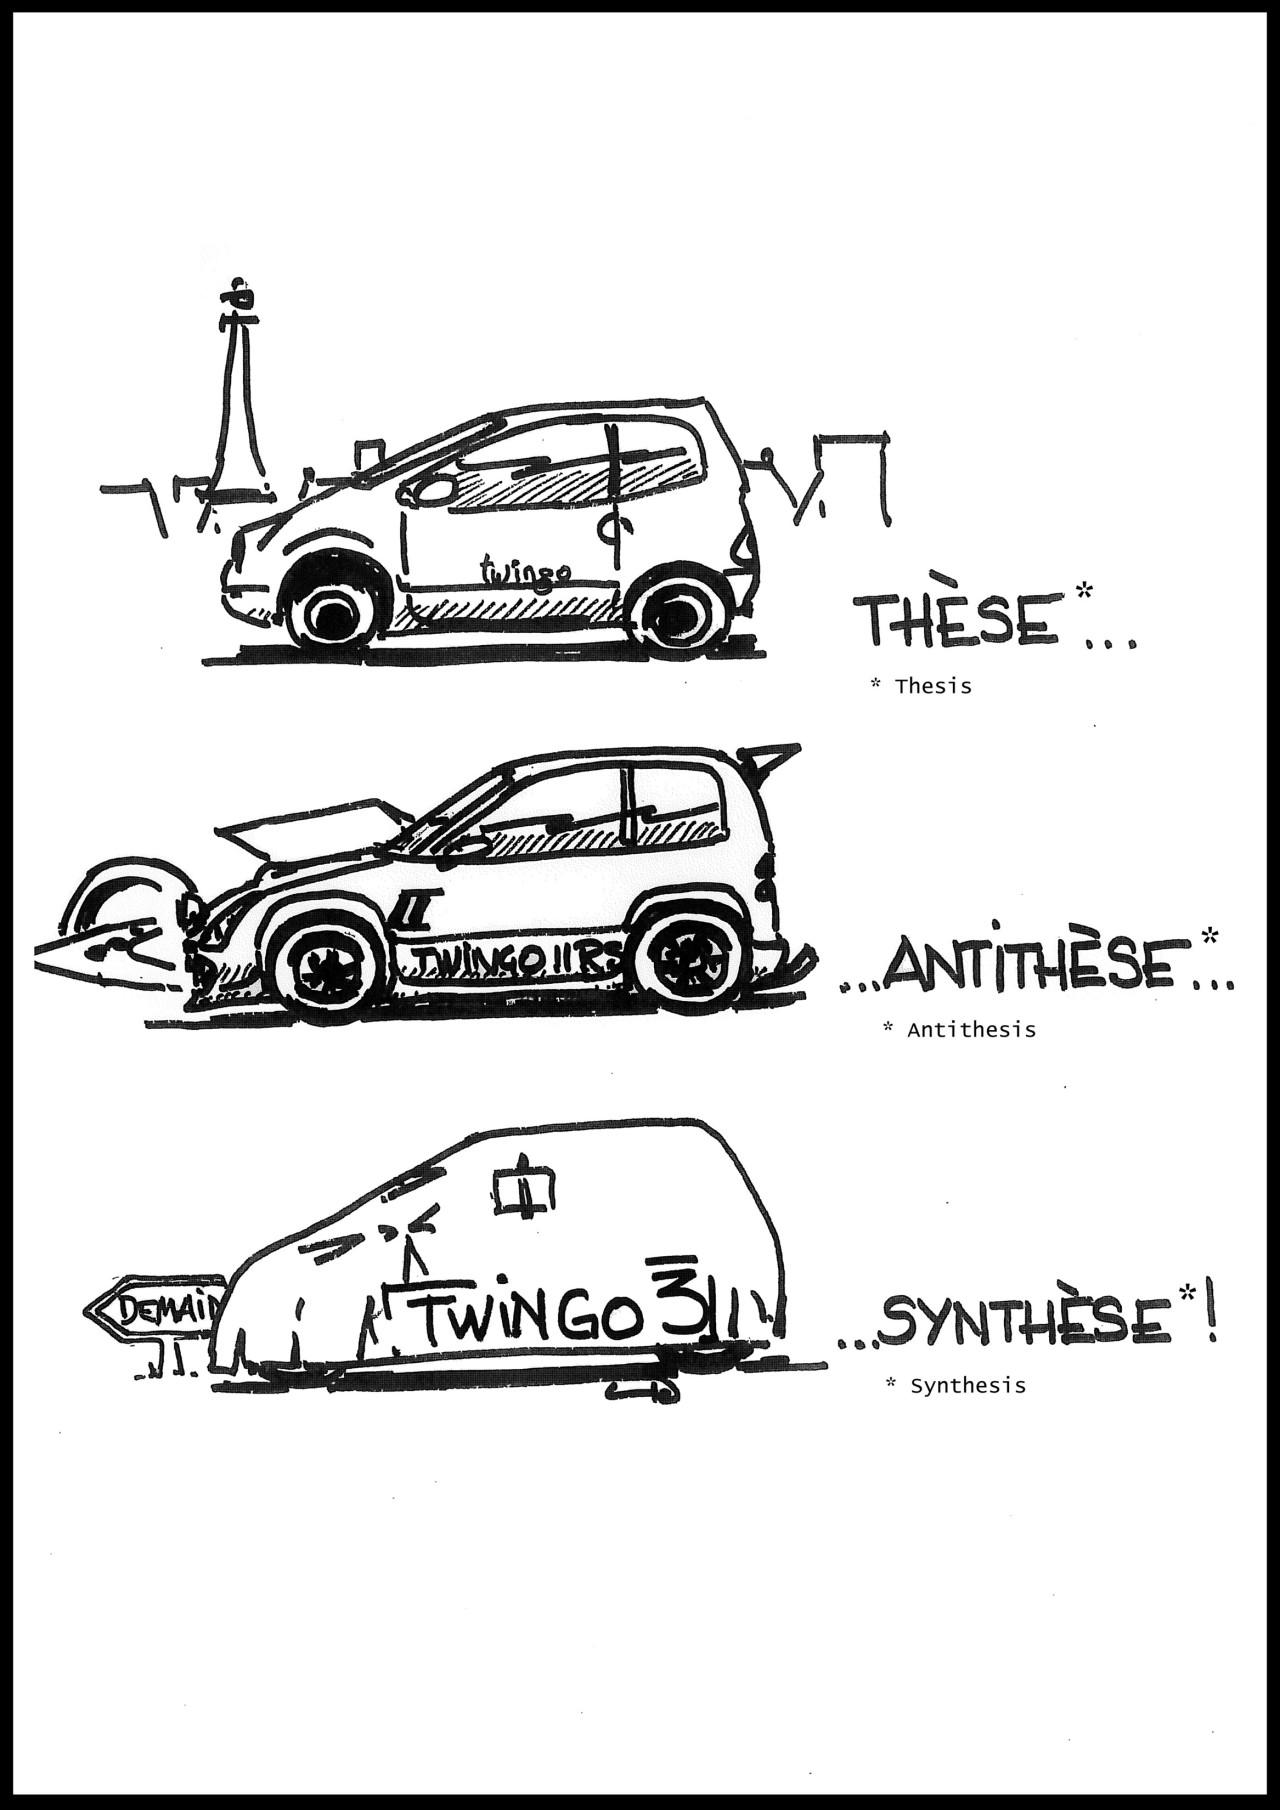 El hilo del Renault Twingo I: historia, evolución y